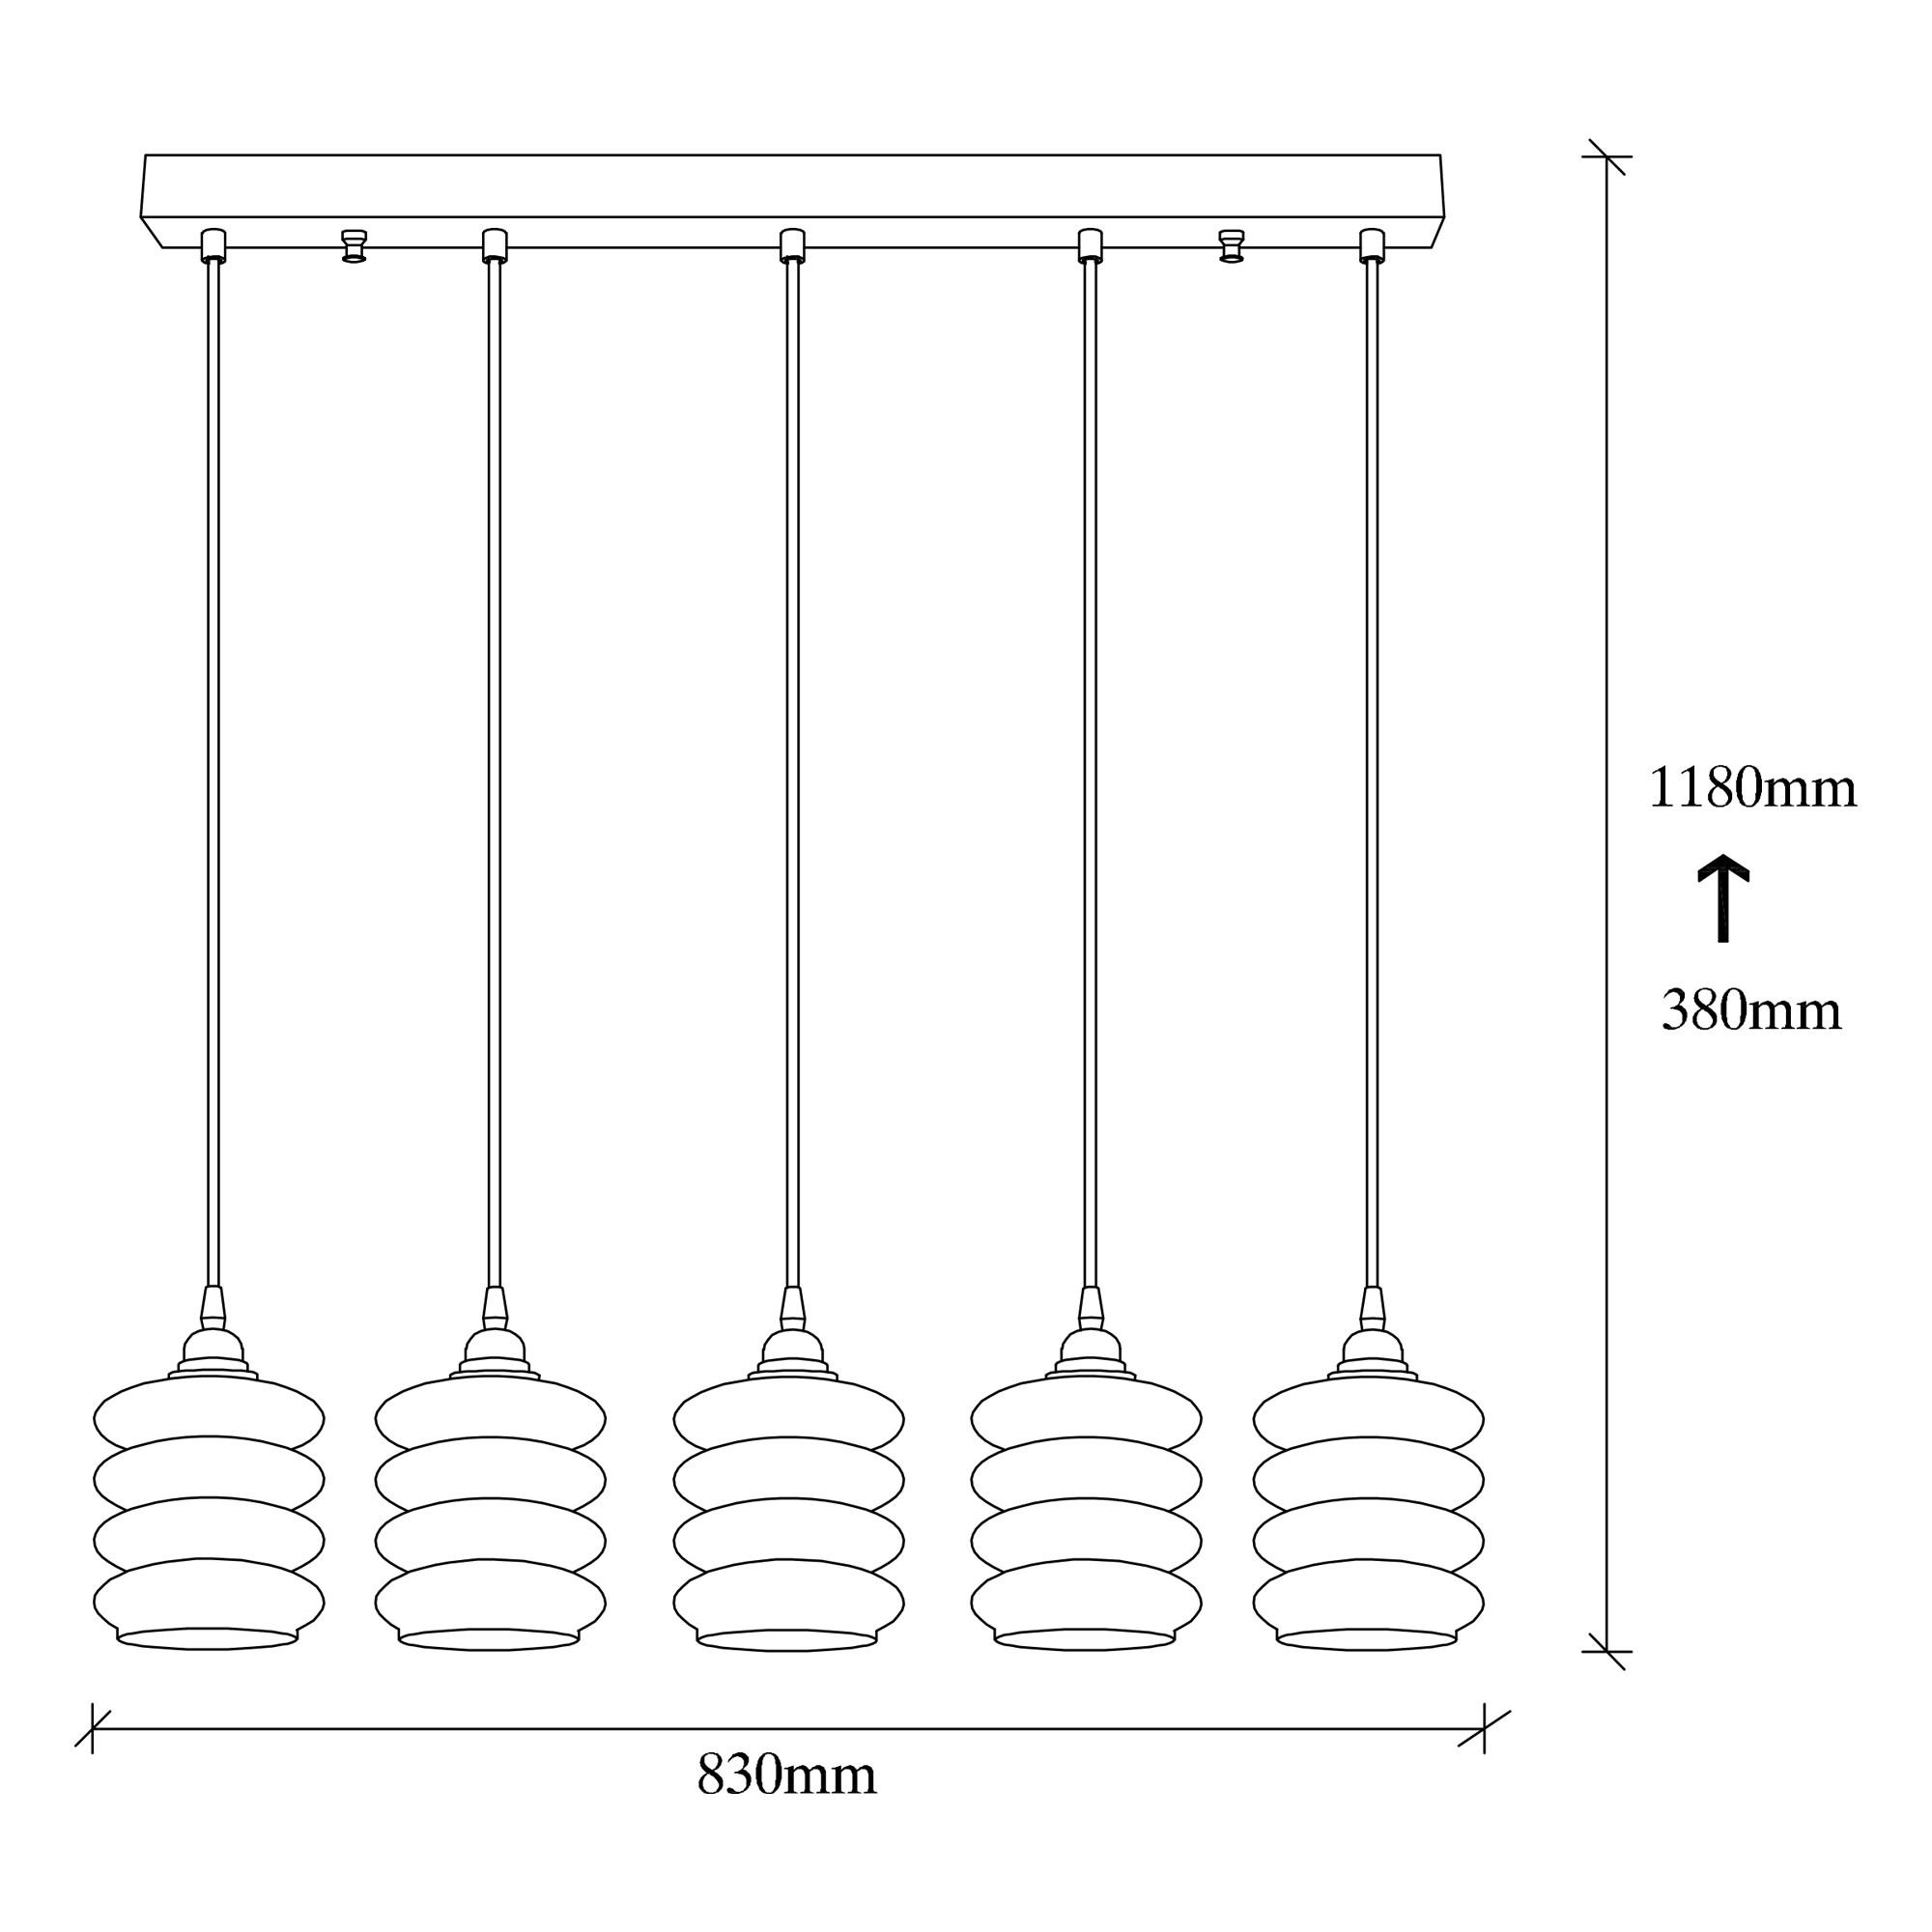 Hanglamp gerookt glas 5 keer e27 fitting IP20 - afmetingen